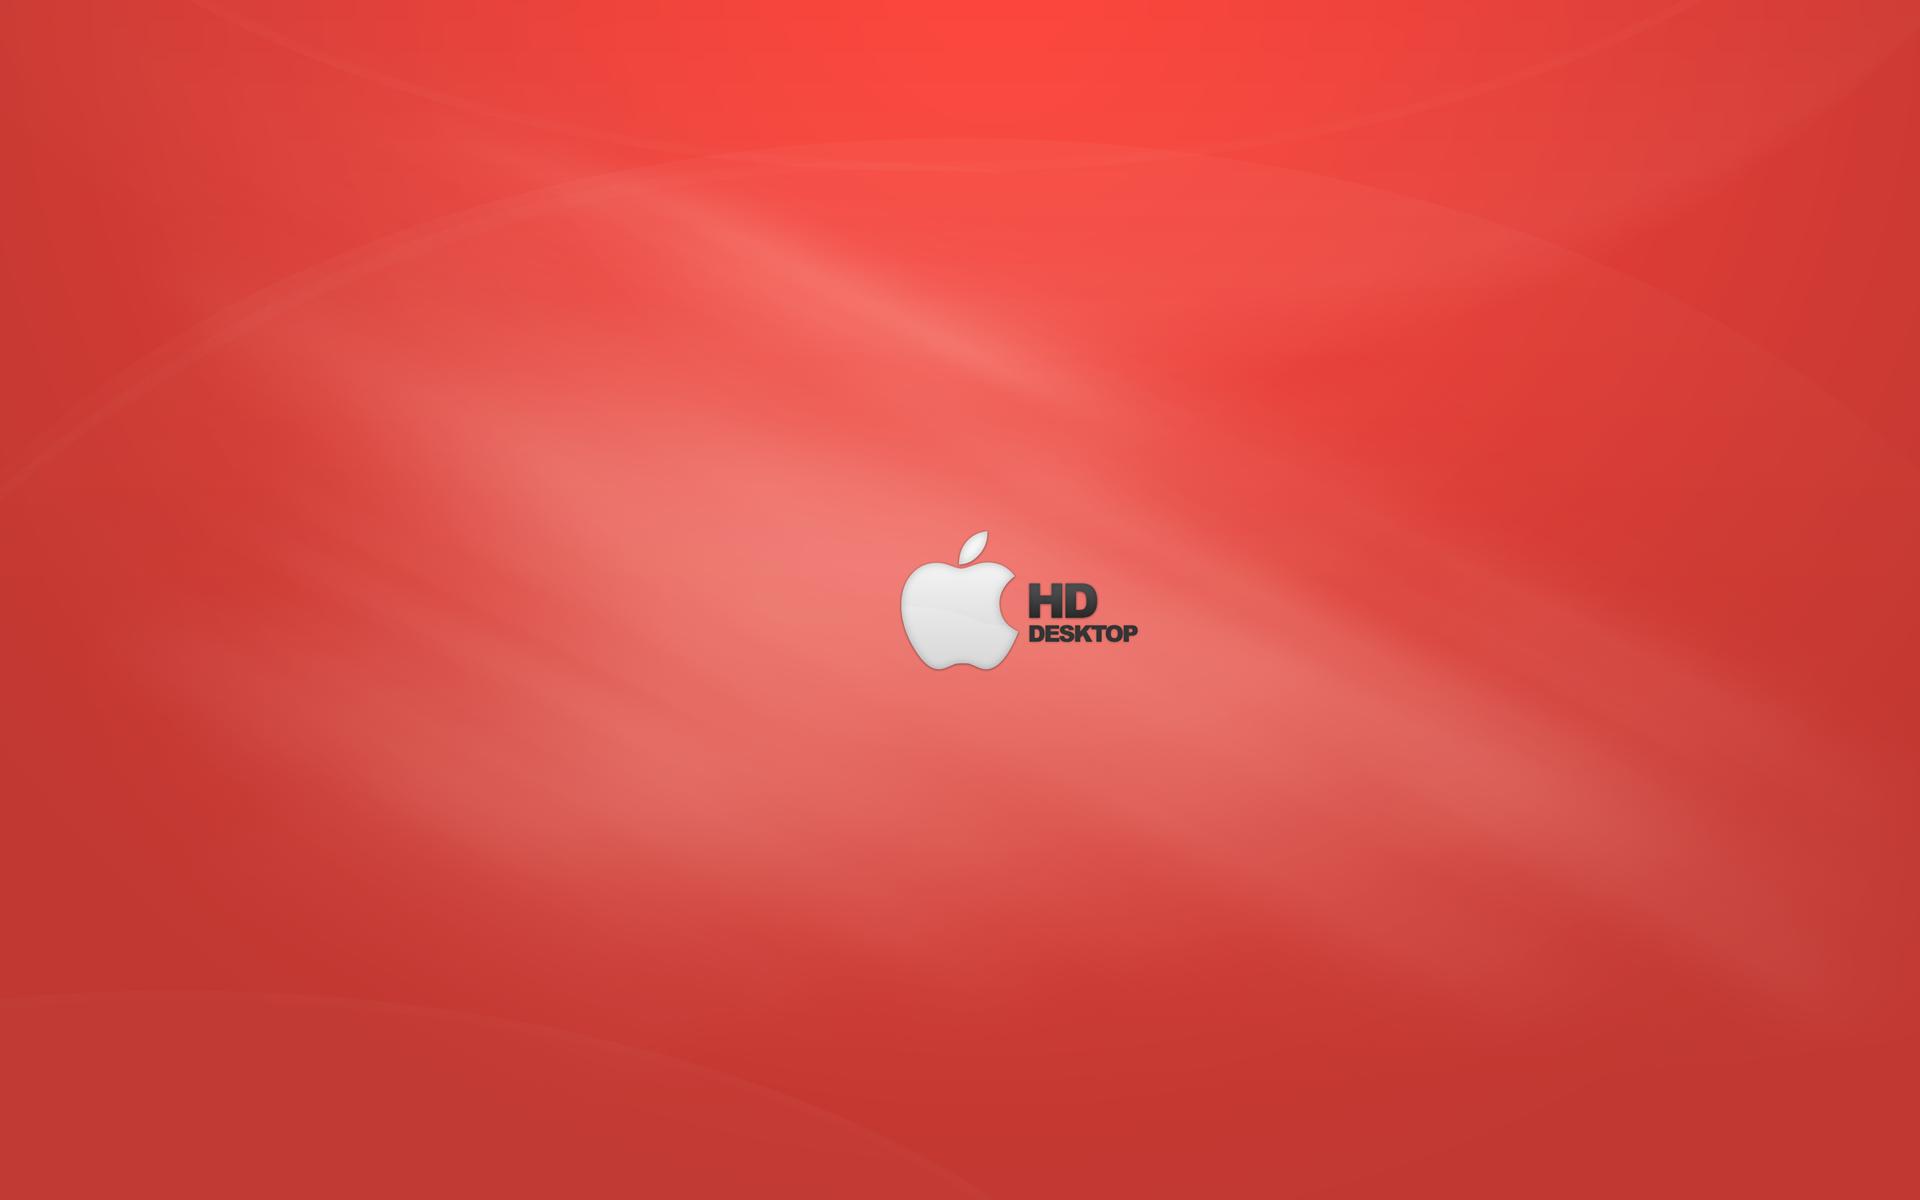 Download Per Visualizzare Lo Sfondo Di Apple Hd Desktop Red In